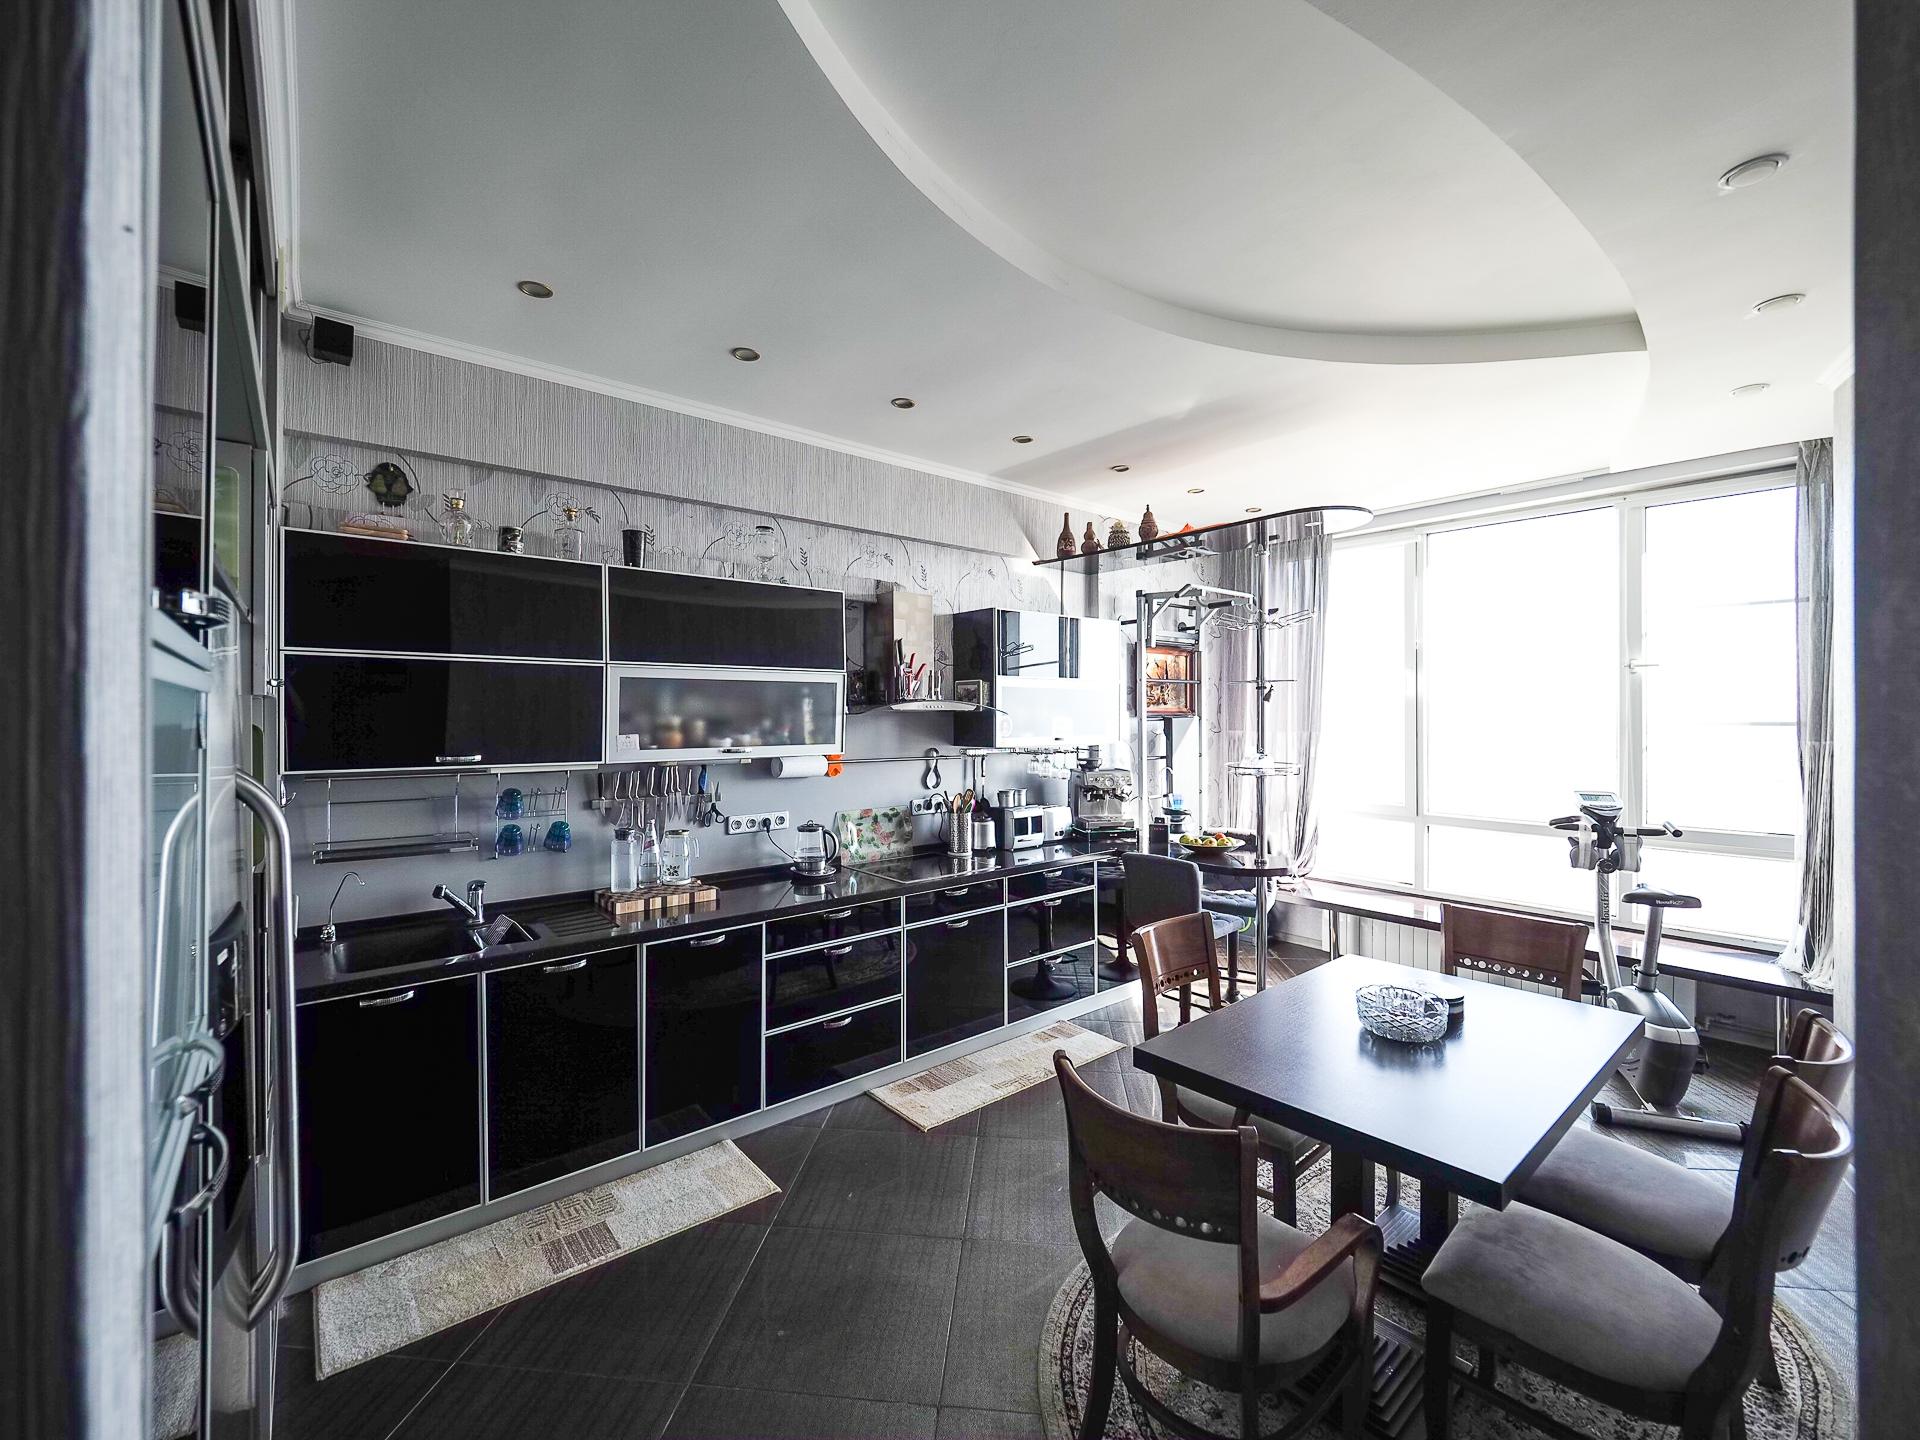 видовая квартира 22 этаж 100 Кв м 27